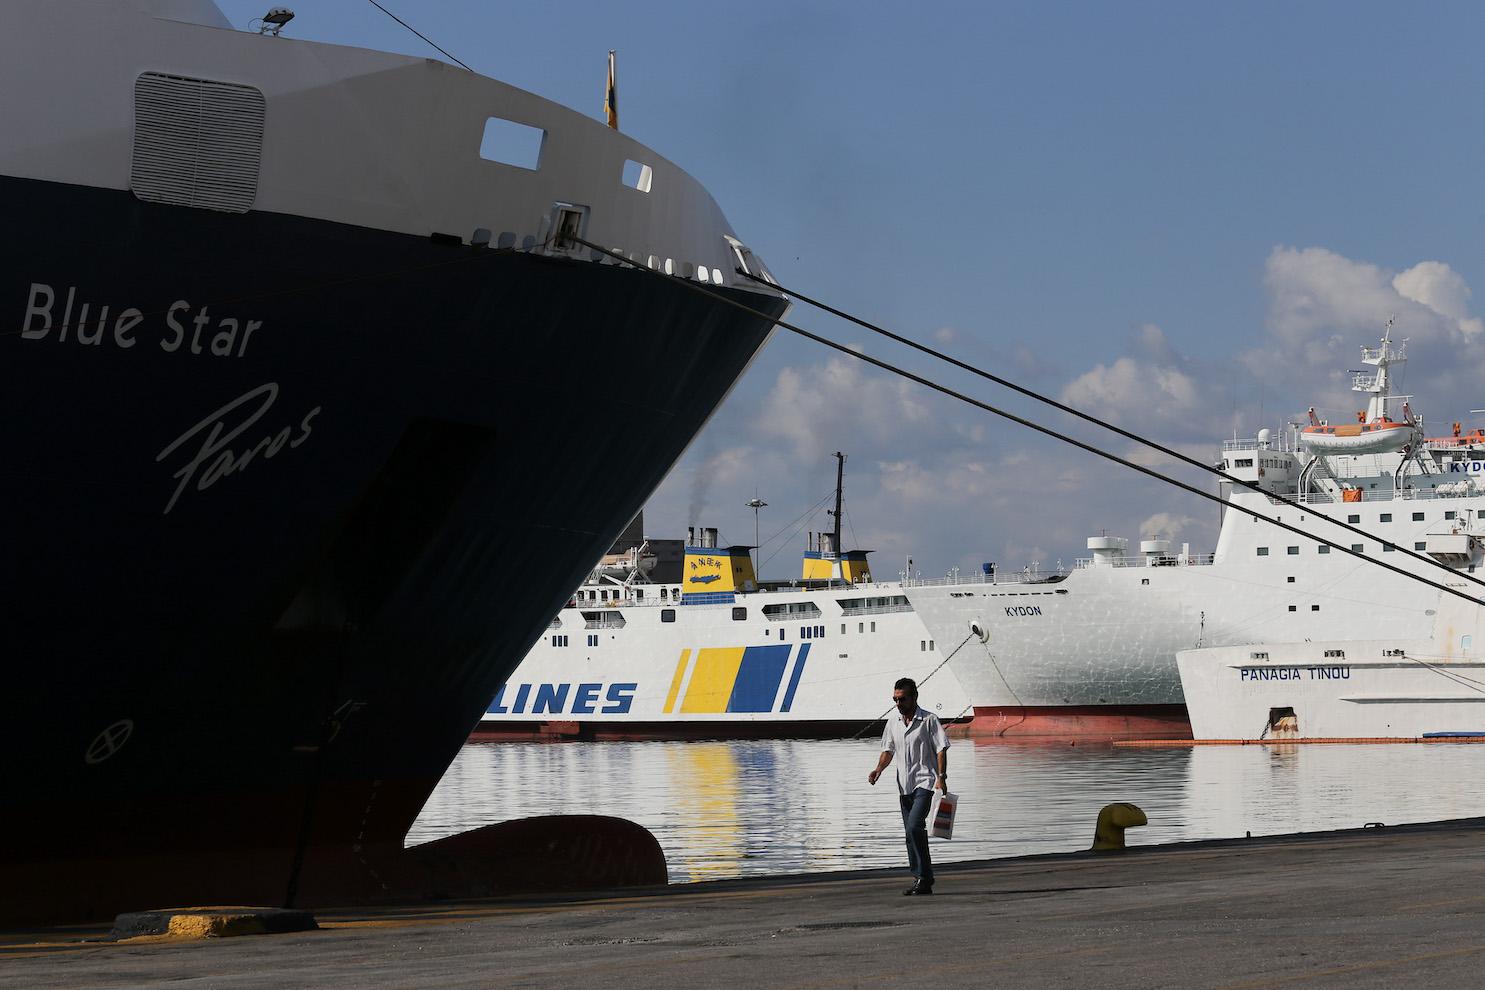 ΙΟΒΕ για τη ναυτιλία: Οι επιπτώσεις της πανδημίας, οι προοπτικές ανάκαμψης - e-Nautilia.gr | Το Ελληνικό Portal για την Ναυτιλία. Τελευταία νέα, άρθρα, Οπτικοακουστικό Υλικό